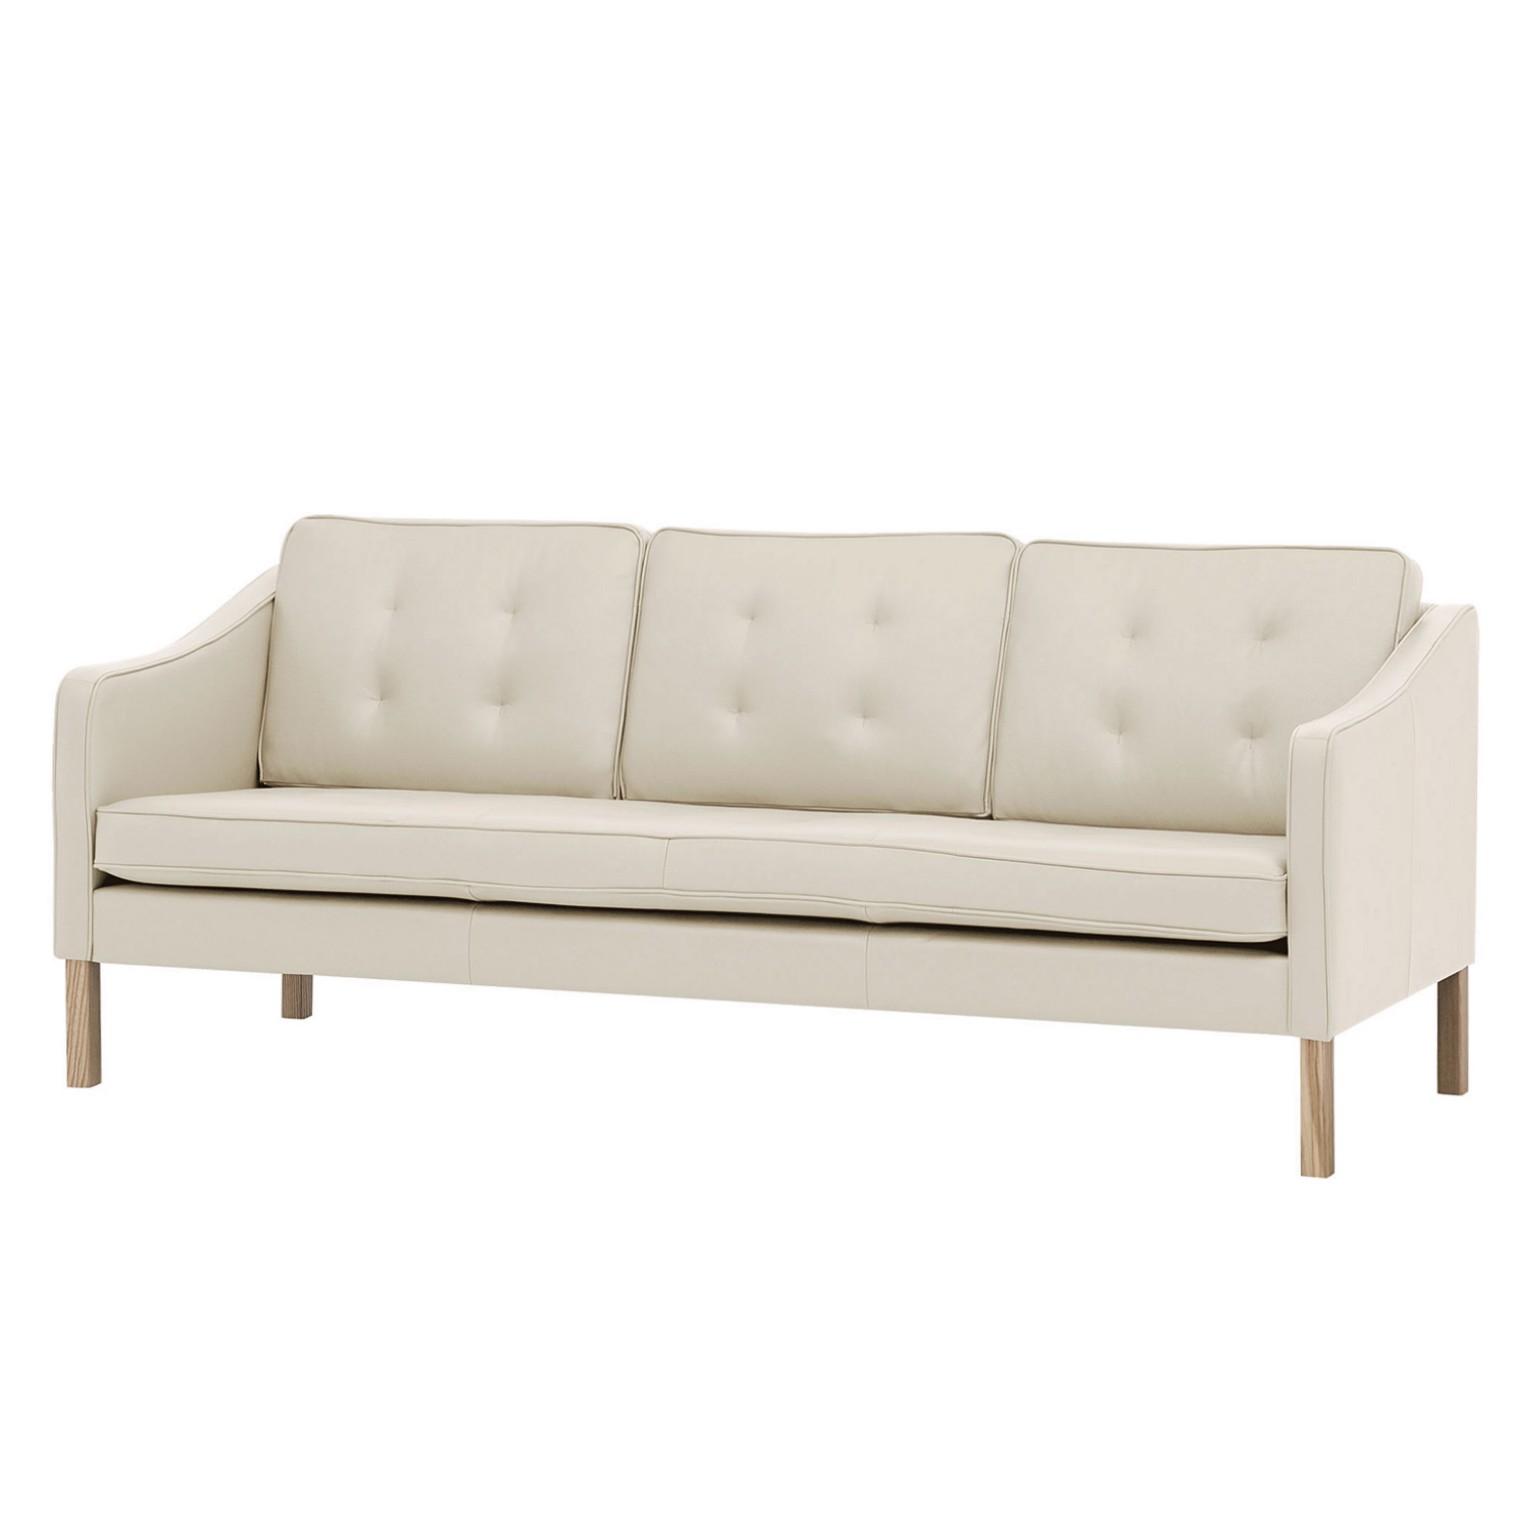 Sofa Risor (3-Sitzer) Echtleder - Echtleder Neka Creme